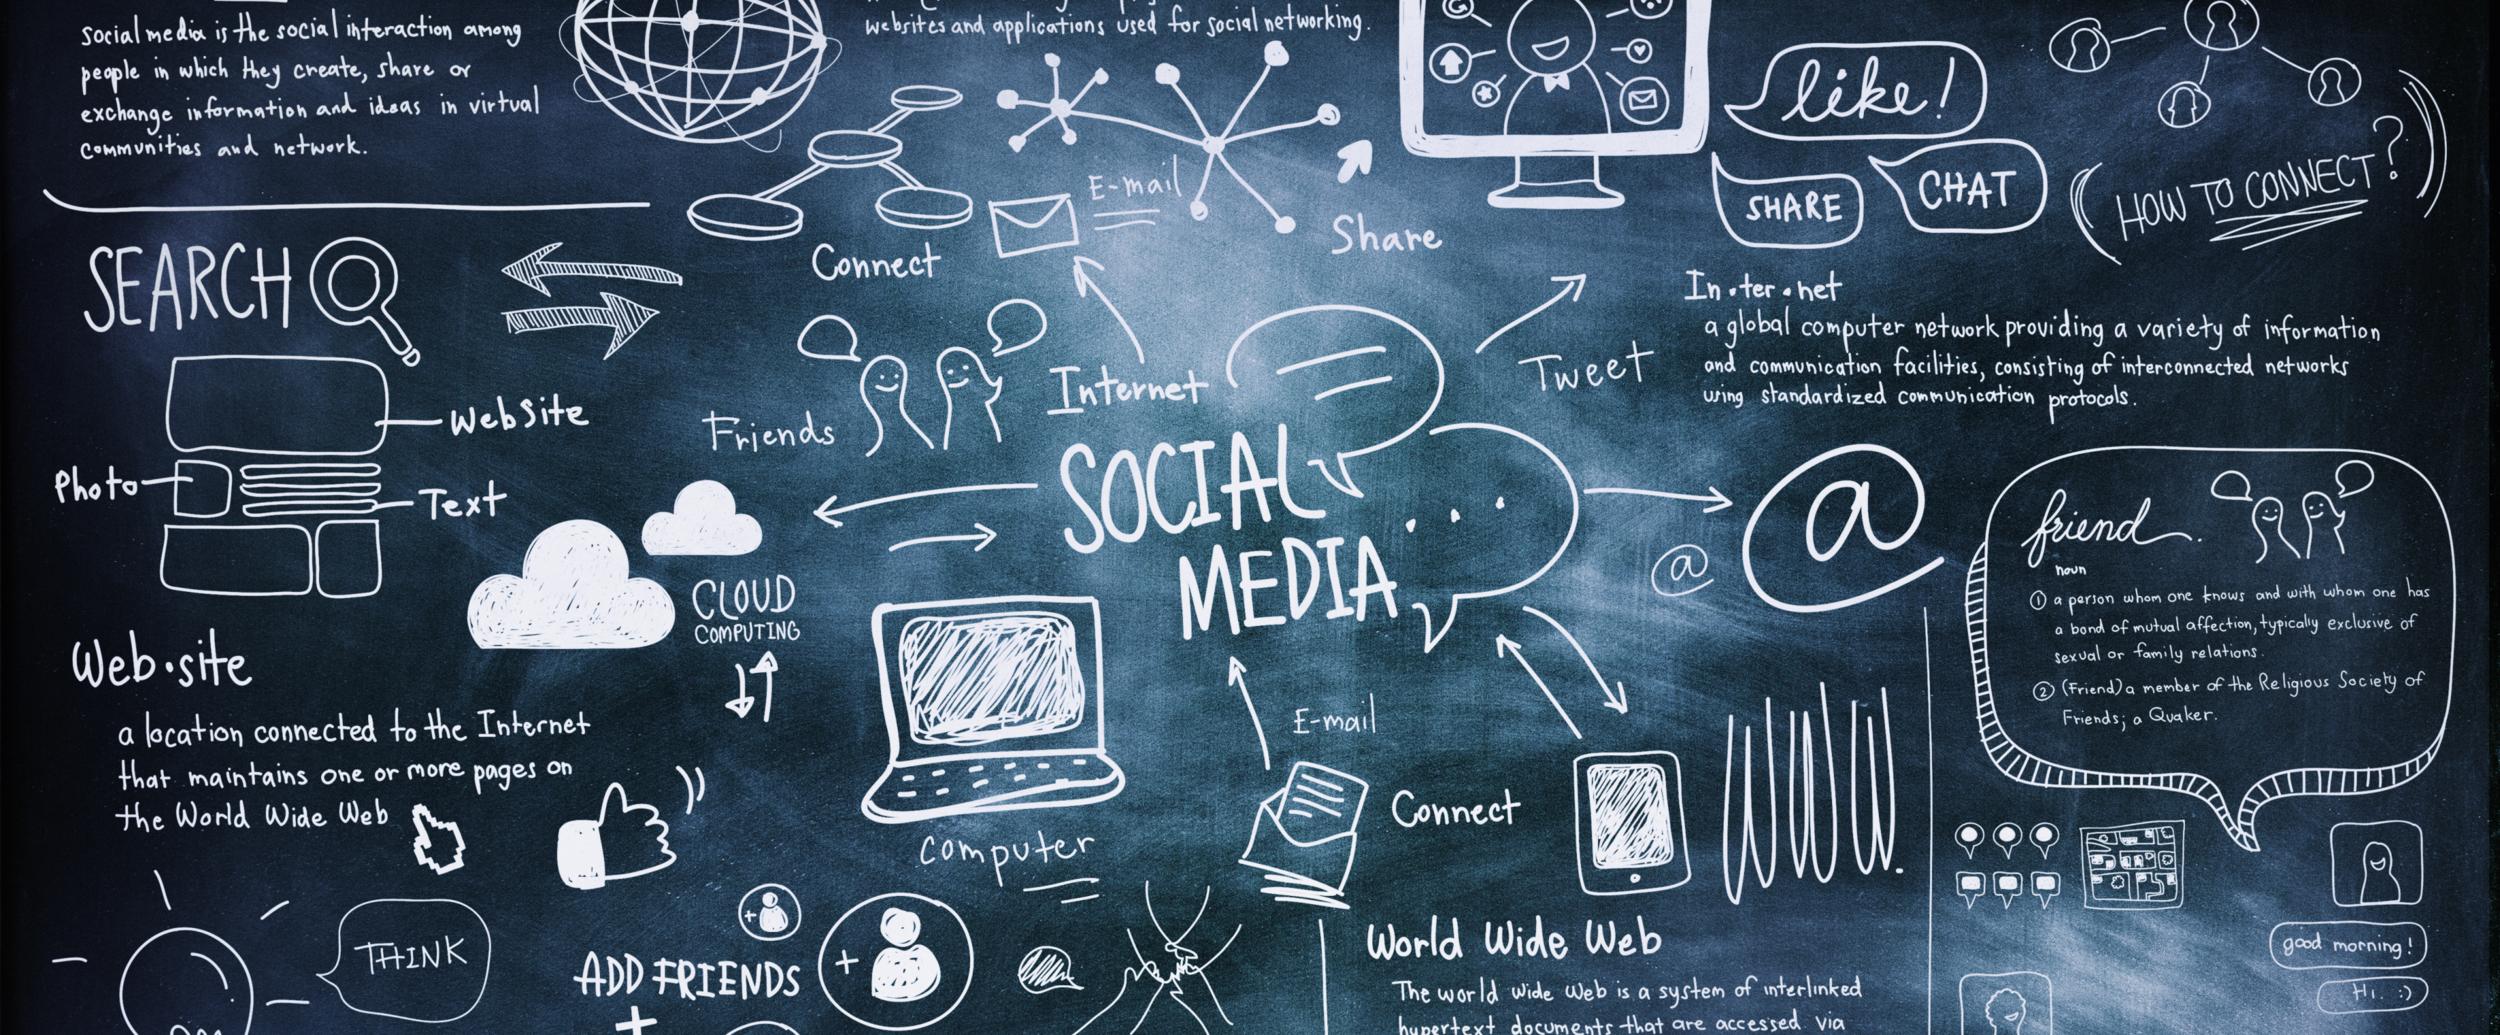 social-media-education